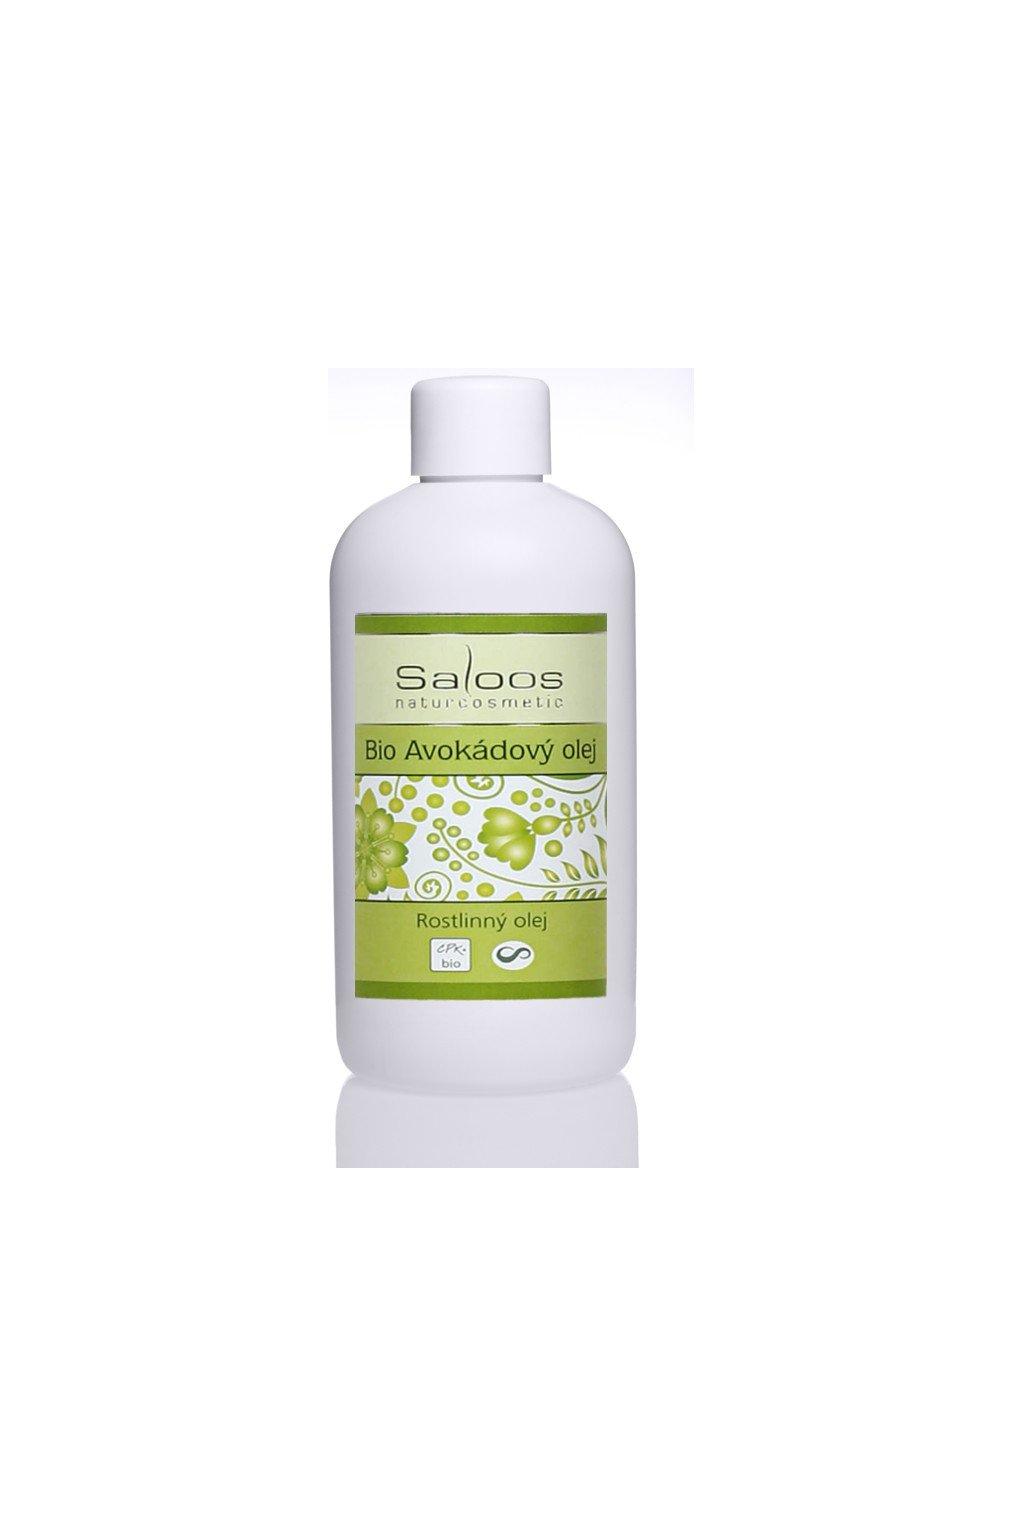 Saloos Bio Avokádový olej rostlinný lisovaný za studena (varianta 1000ml)